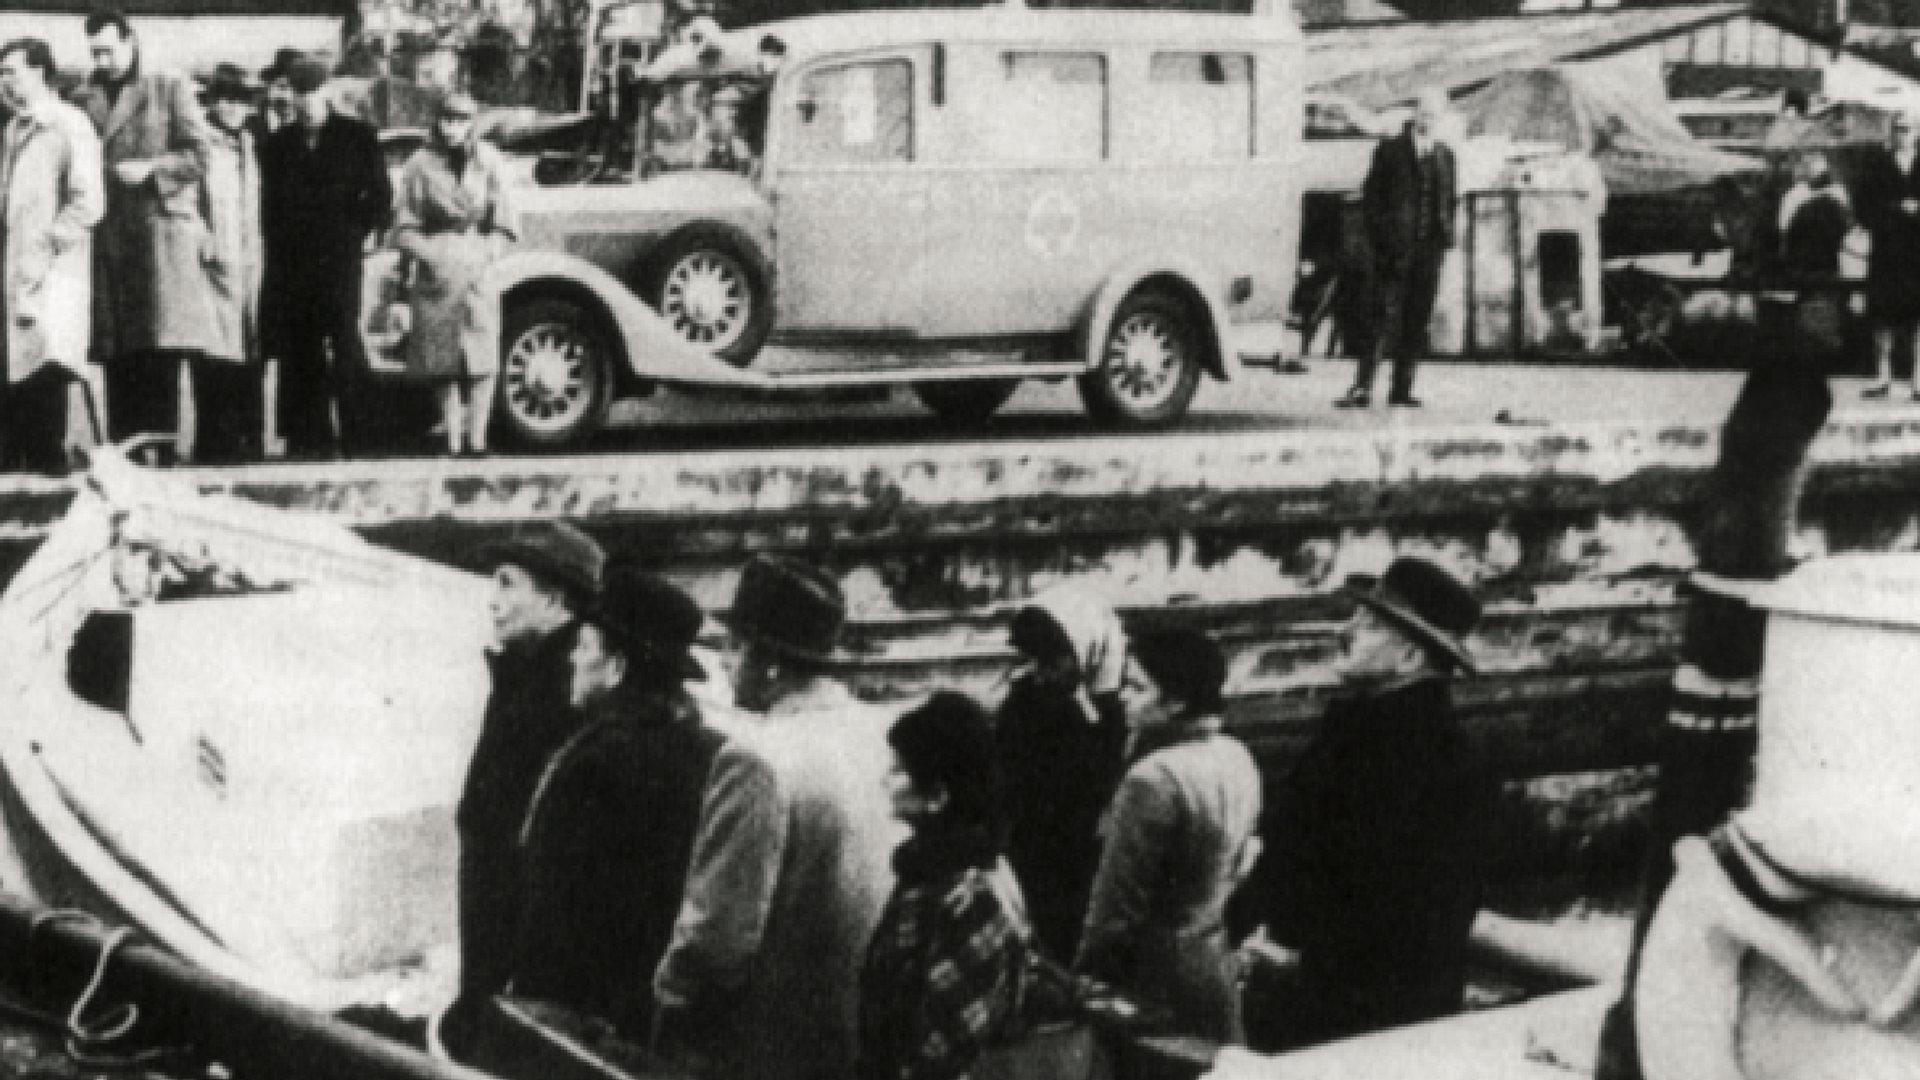 Besættelsen, Anden Verdenskrig, Besættelsen i billeder, jøder i Sverige